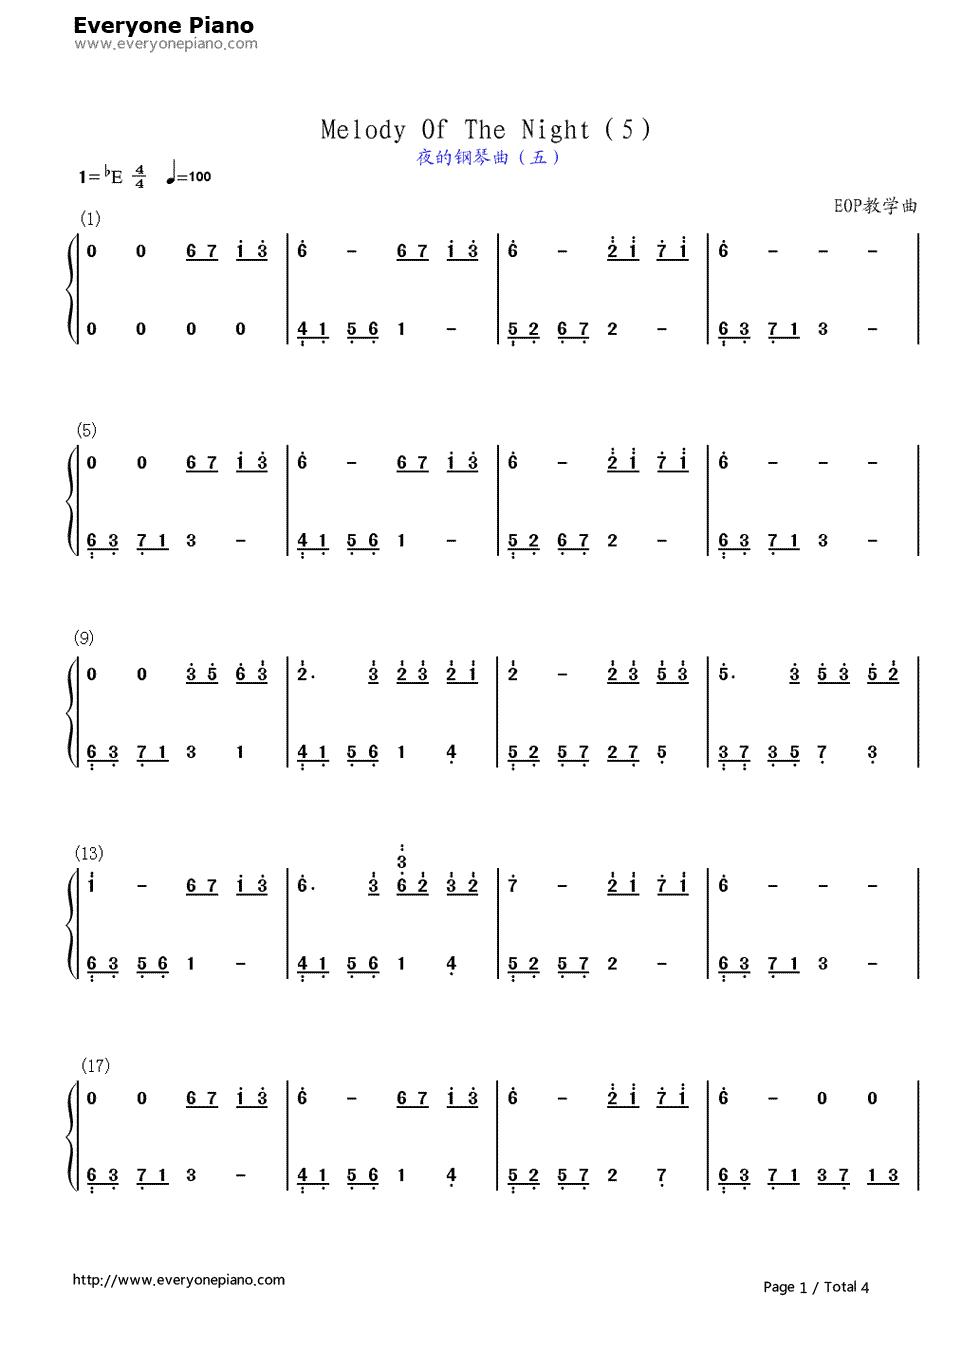 求夜的钢琴曲五.双手简谱图片